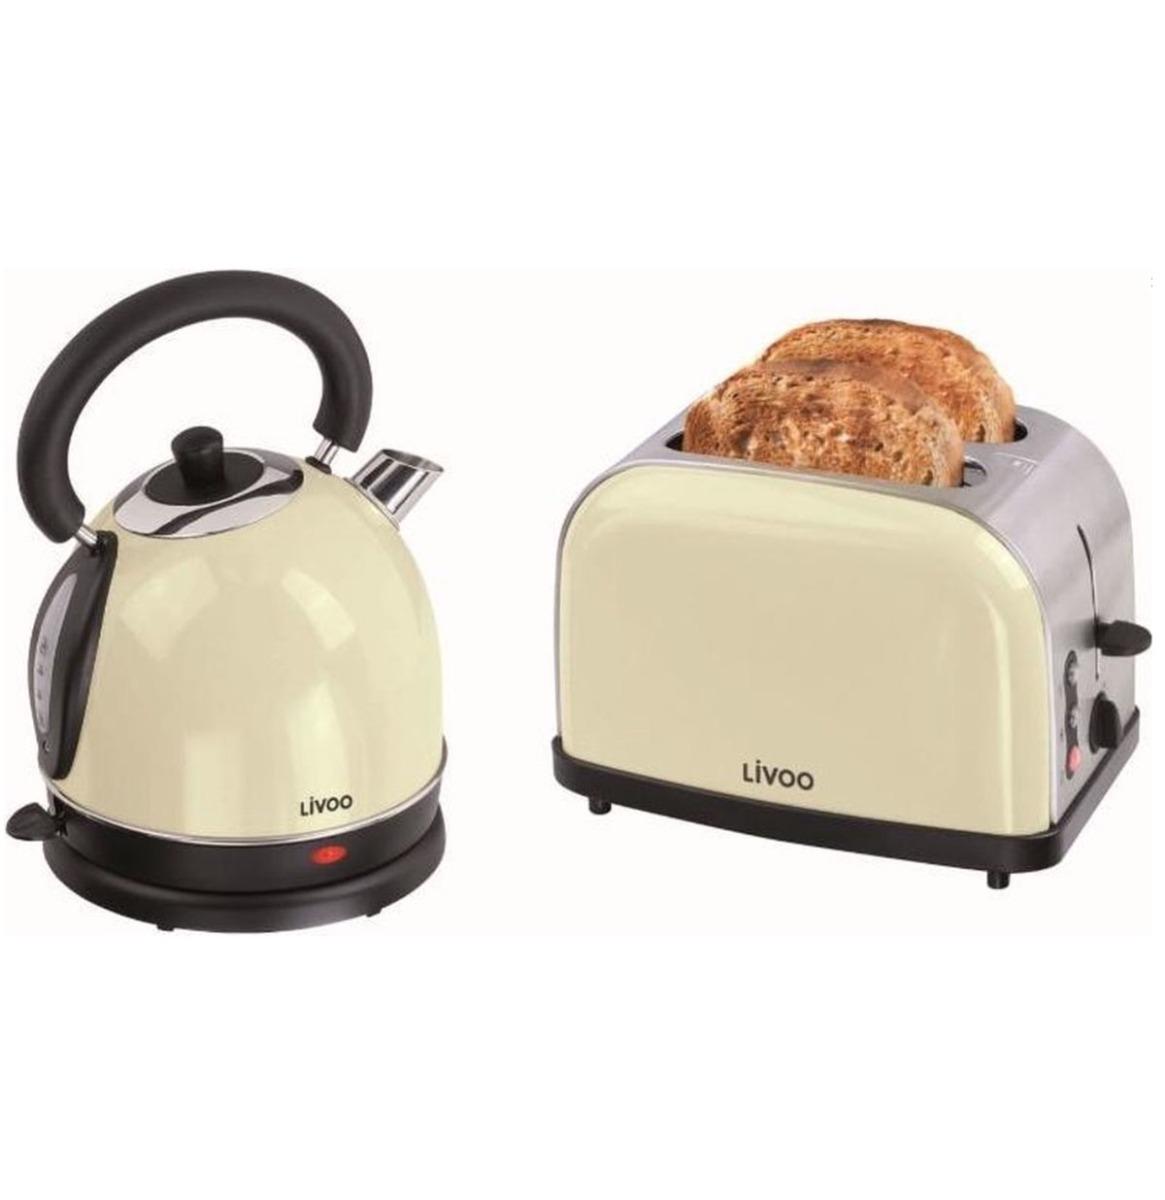 Livoo Ontbijt Set - Waterkoker & Broodrooster - Beige